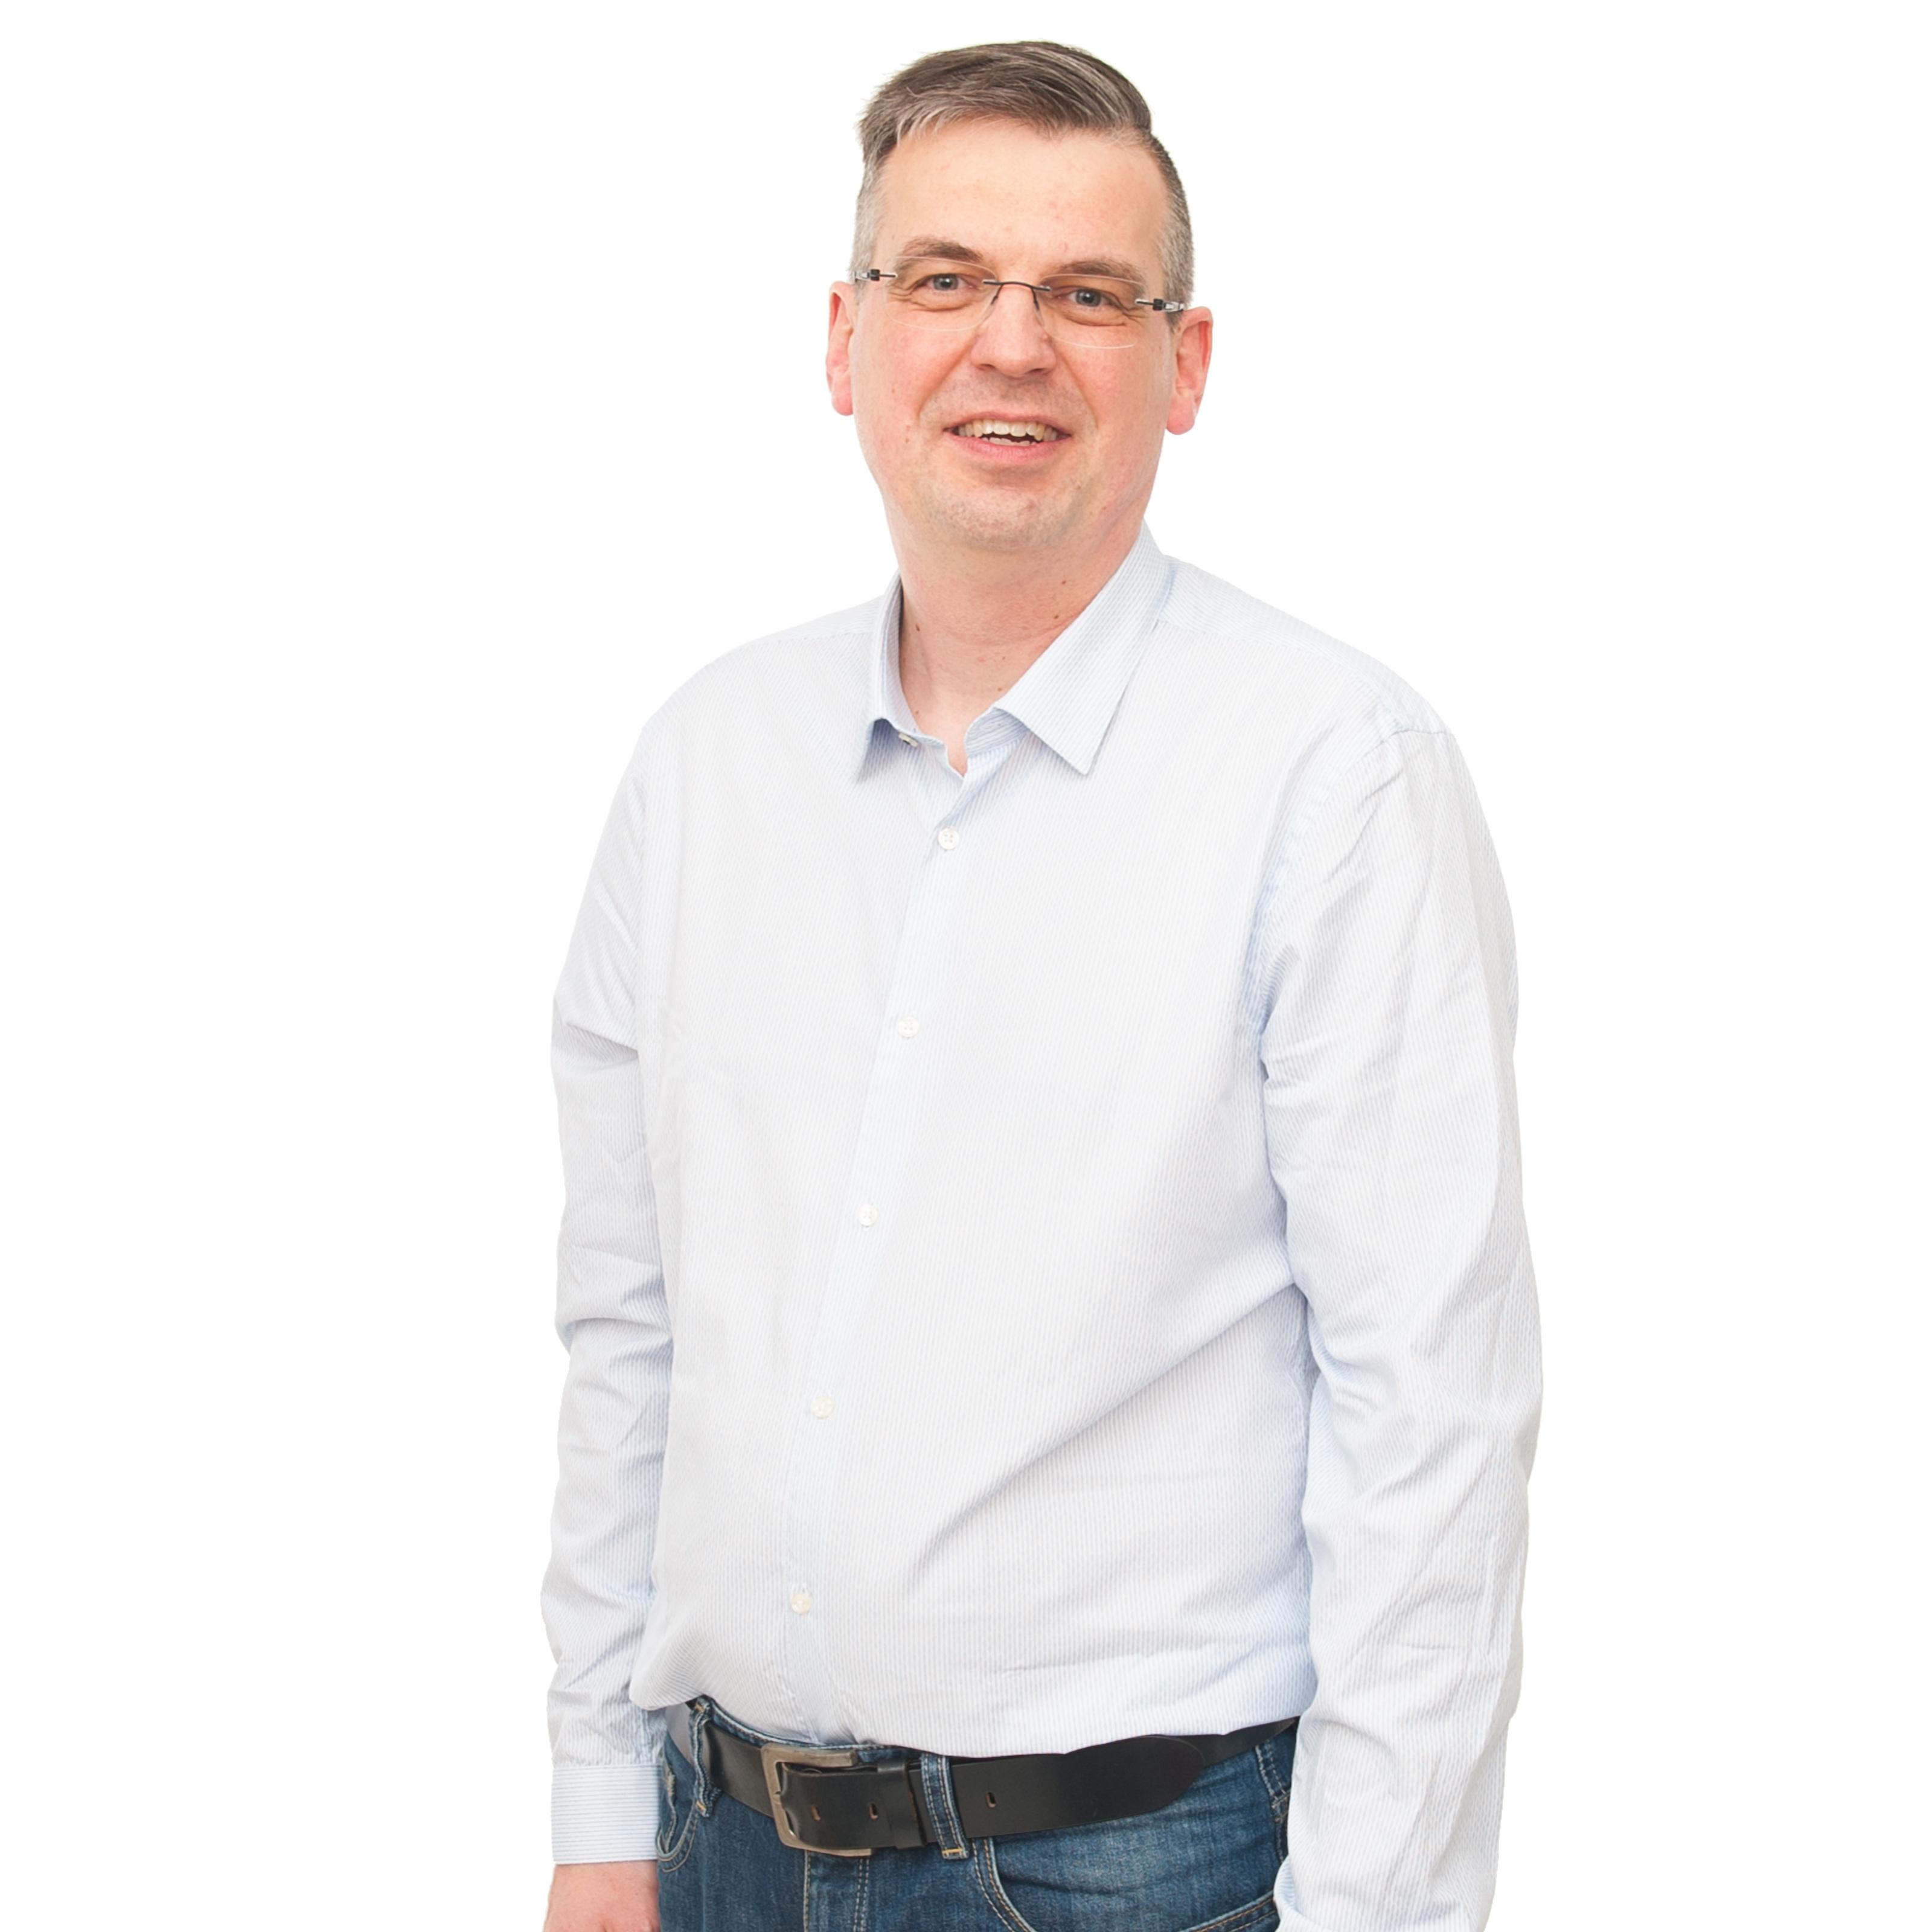 Ruben Landman